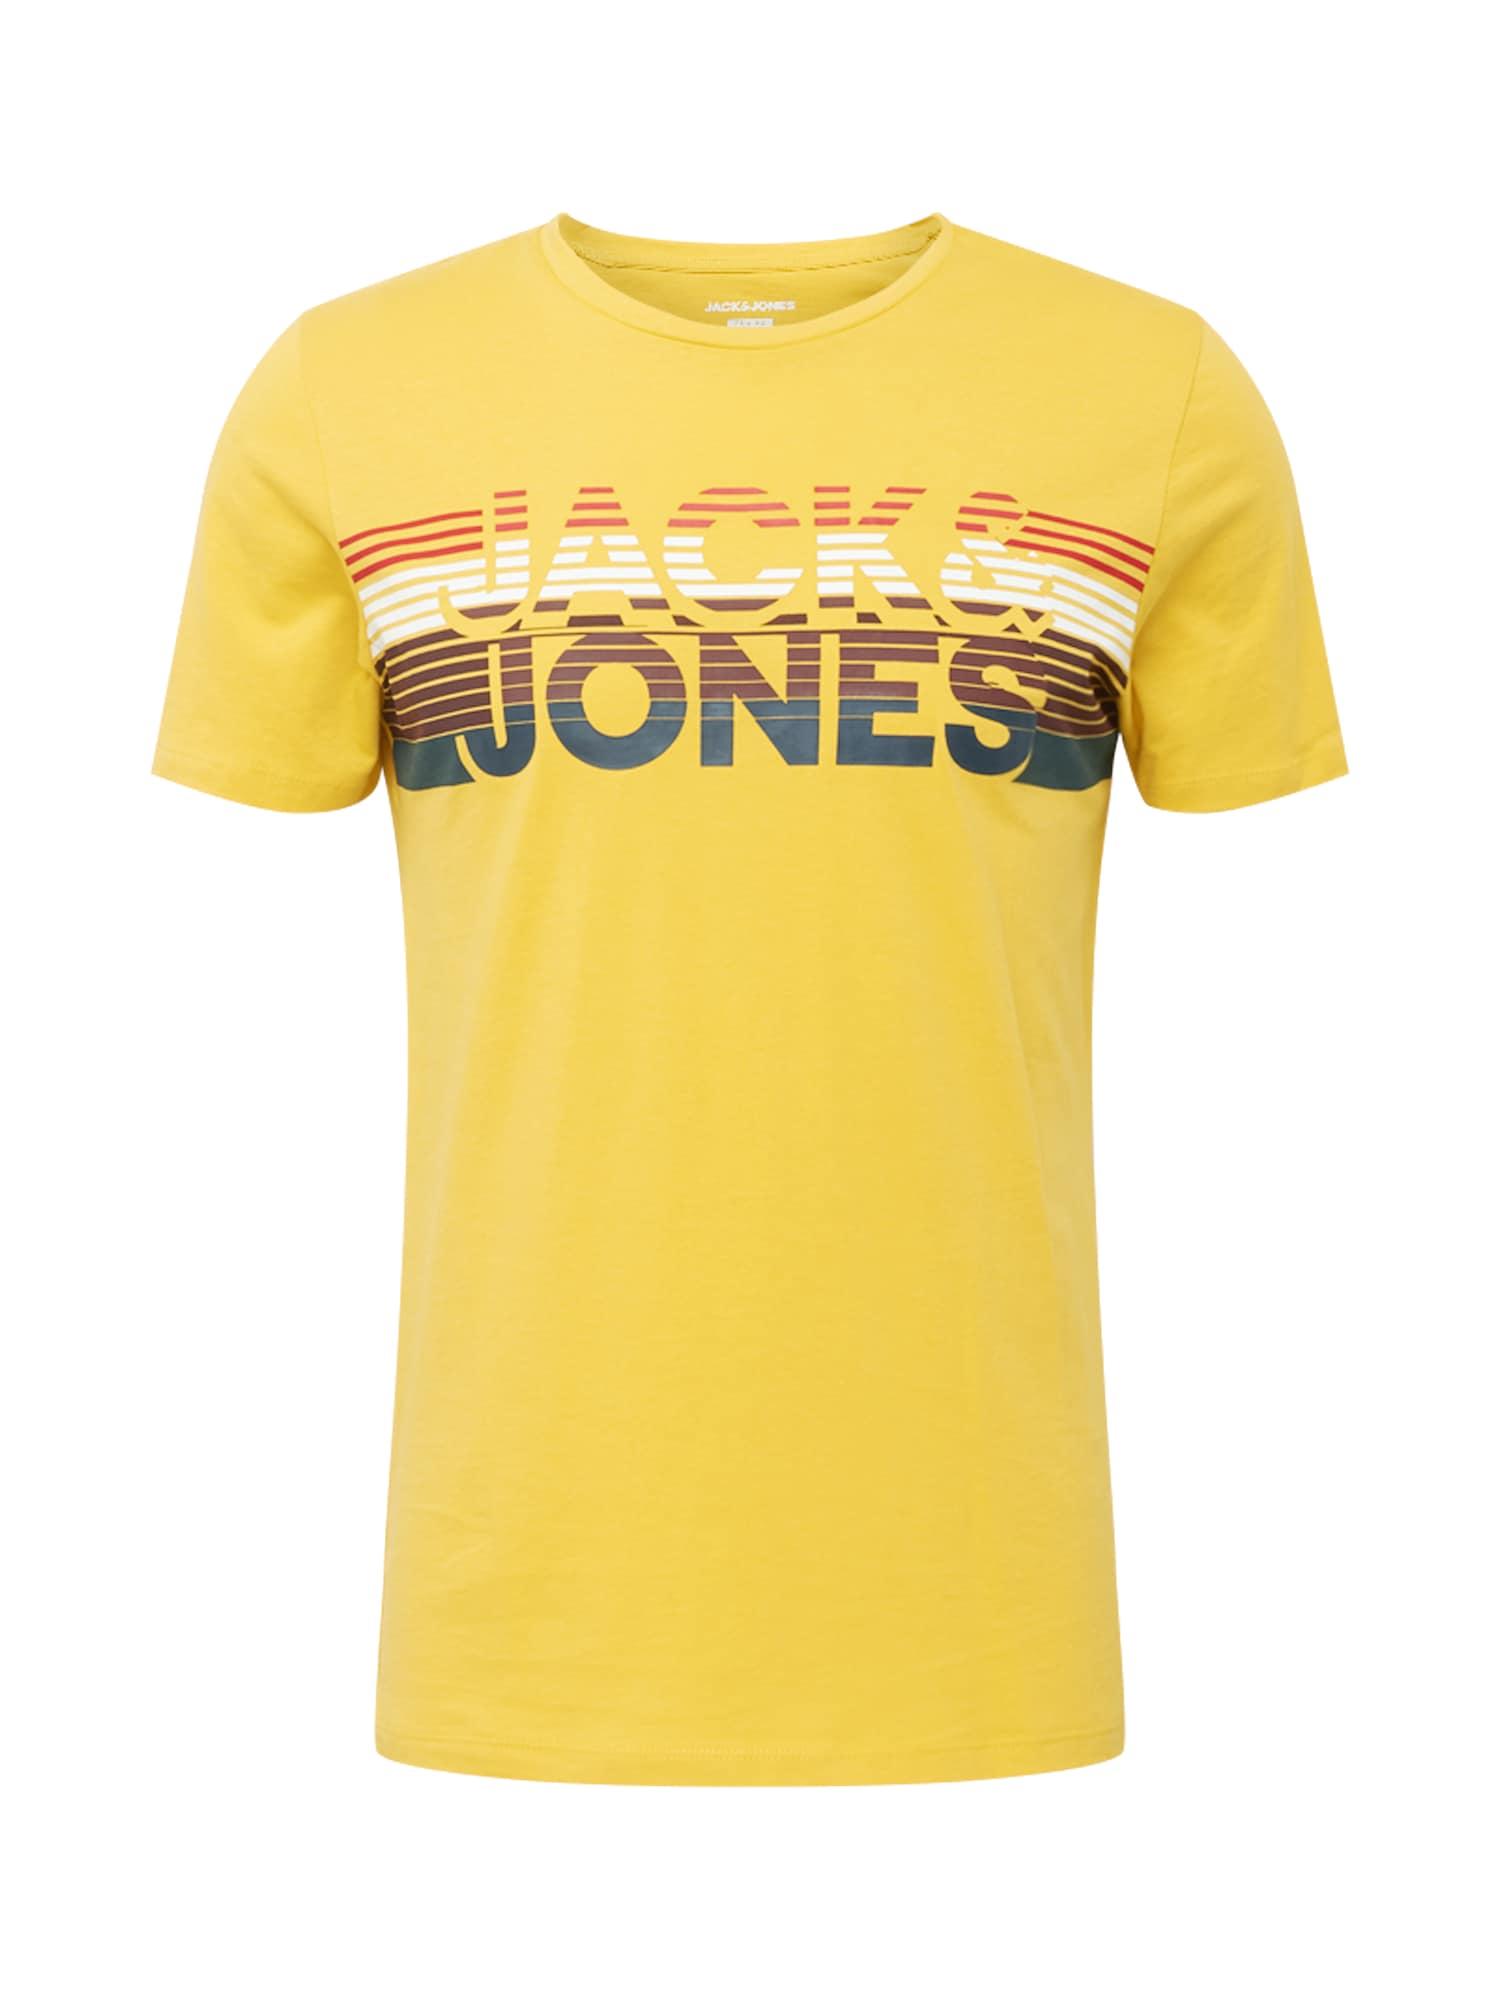 JACK & JONES Tričko 'Meta'  žlutá / bílá / bobule / pitaya / námořnická modř